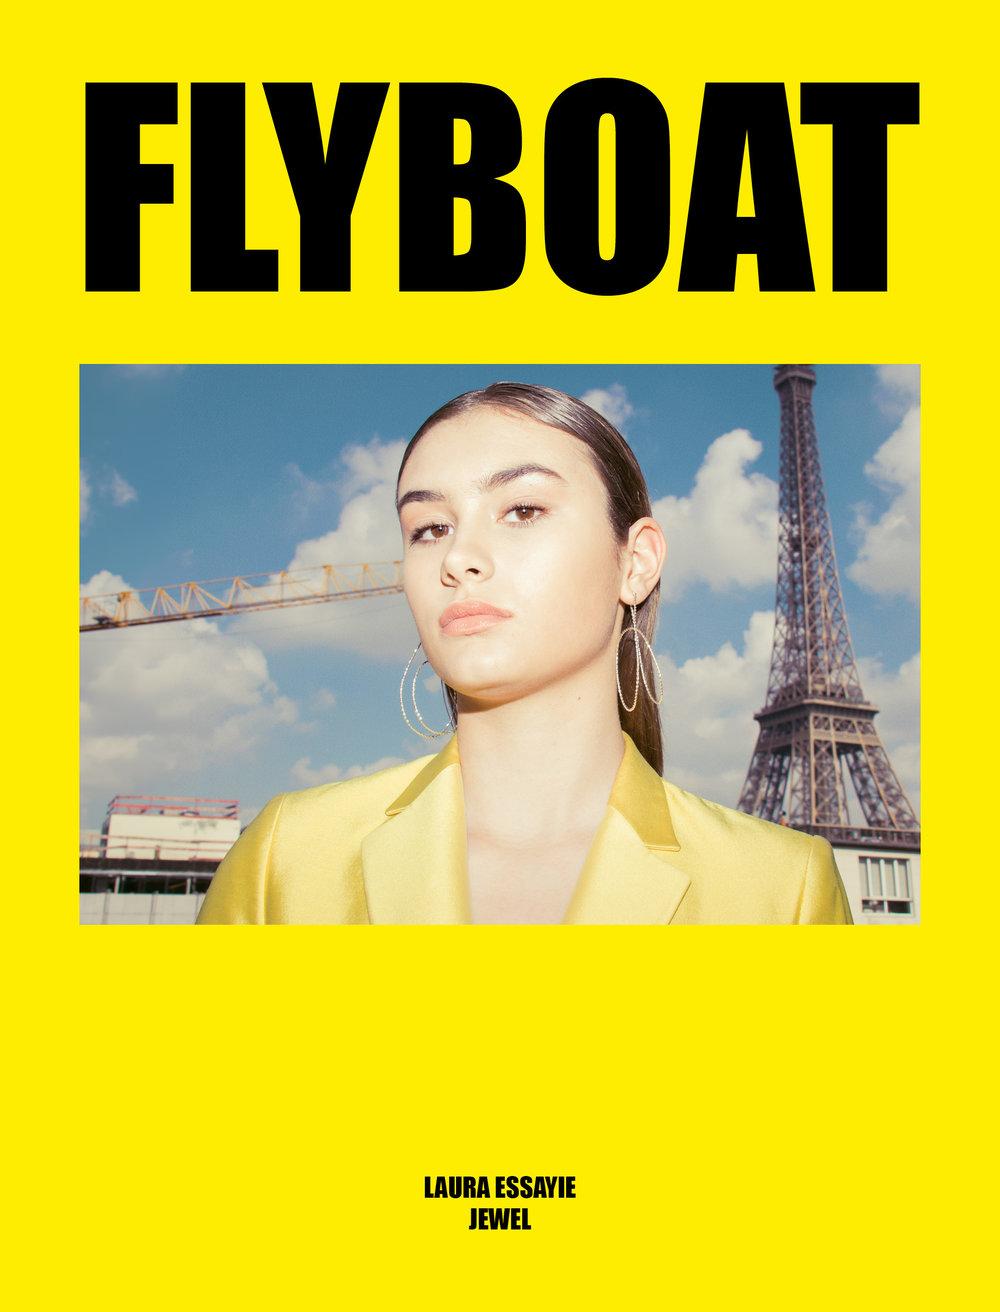 FLY_BOAT.jpg